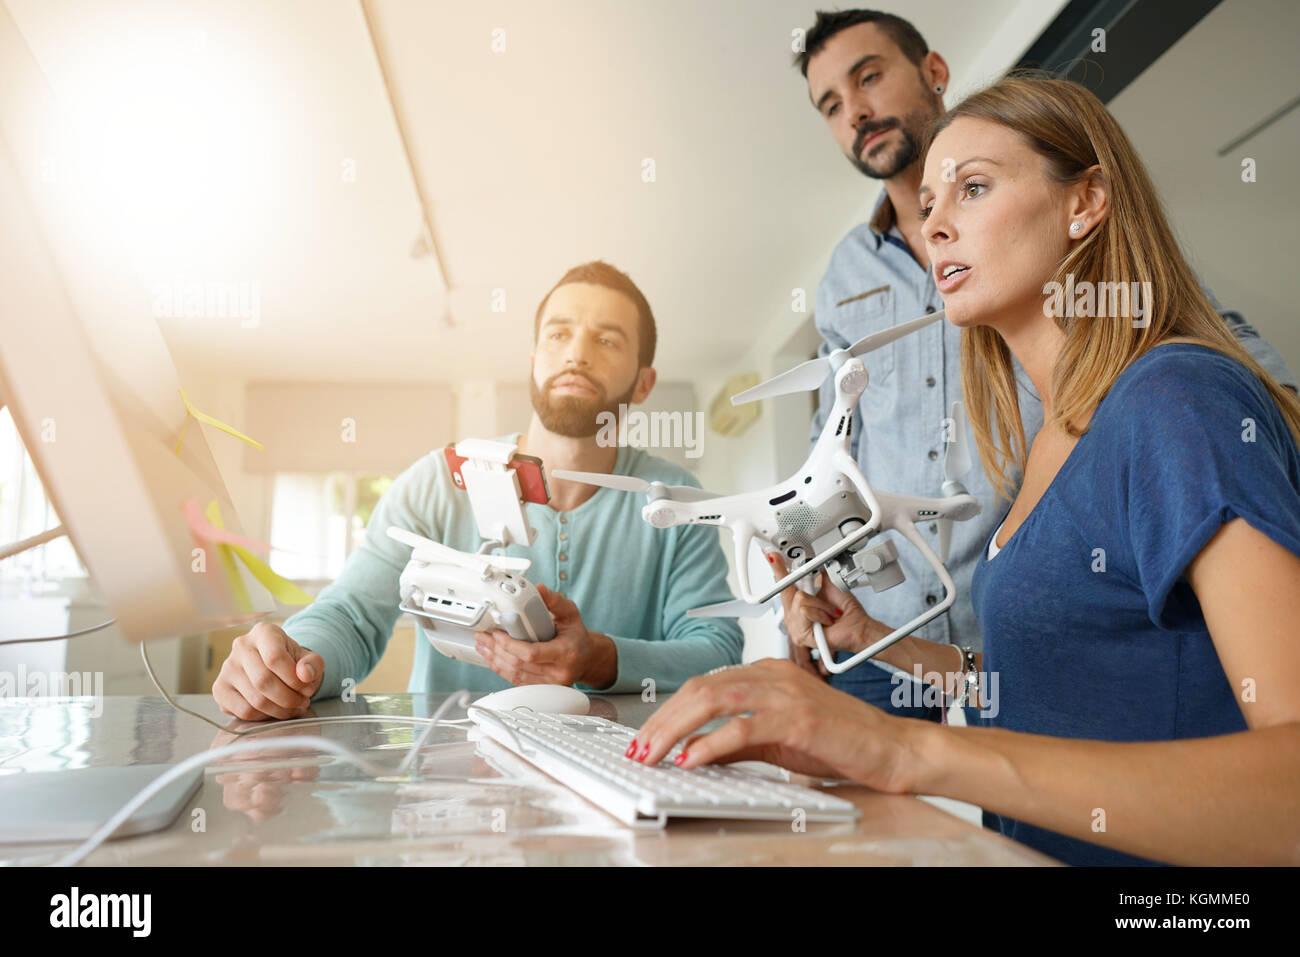 L'avvio di persone in ufficio a lavorare sulla tecnologia drone Immagini Stock